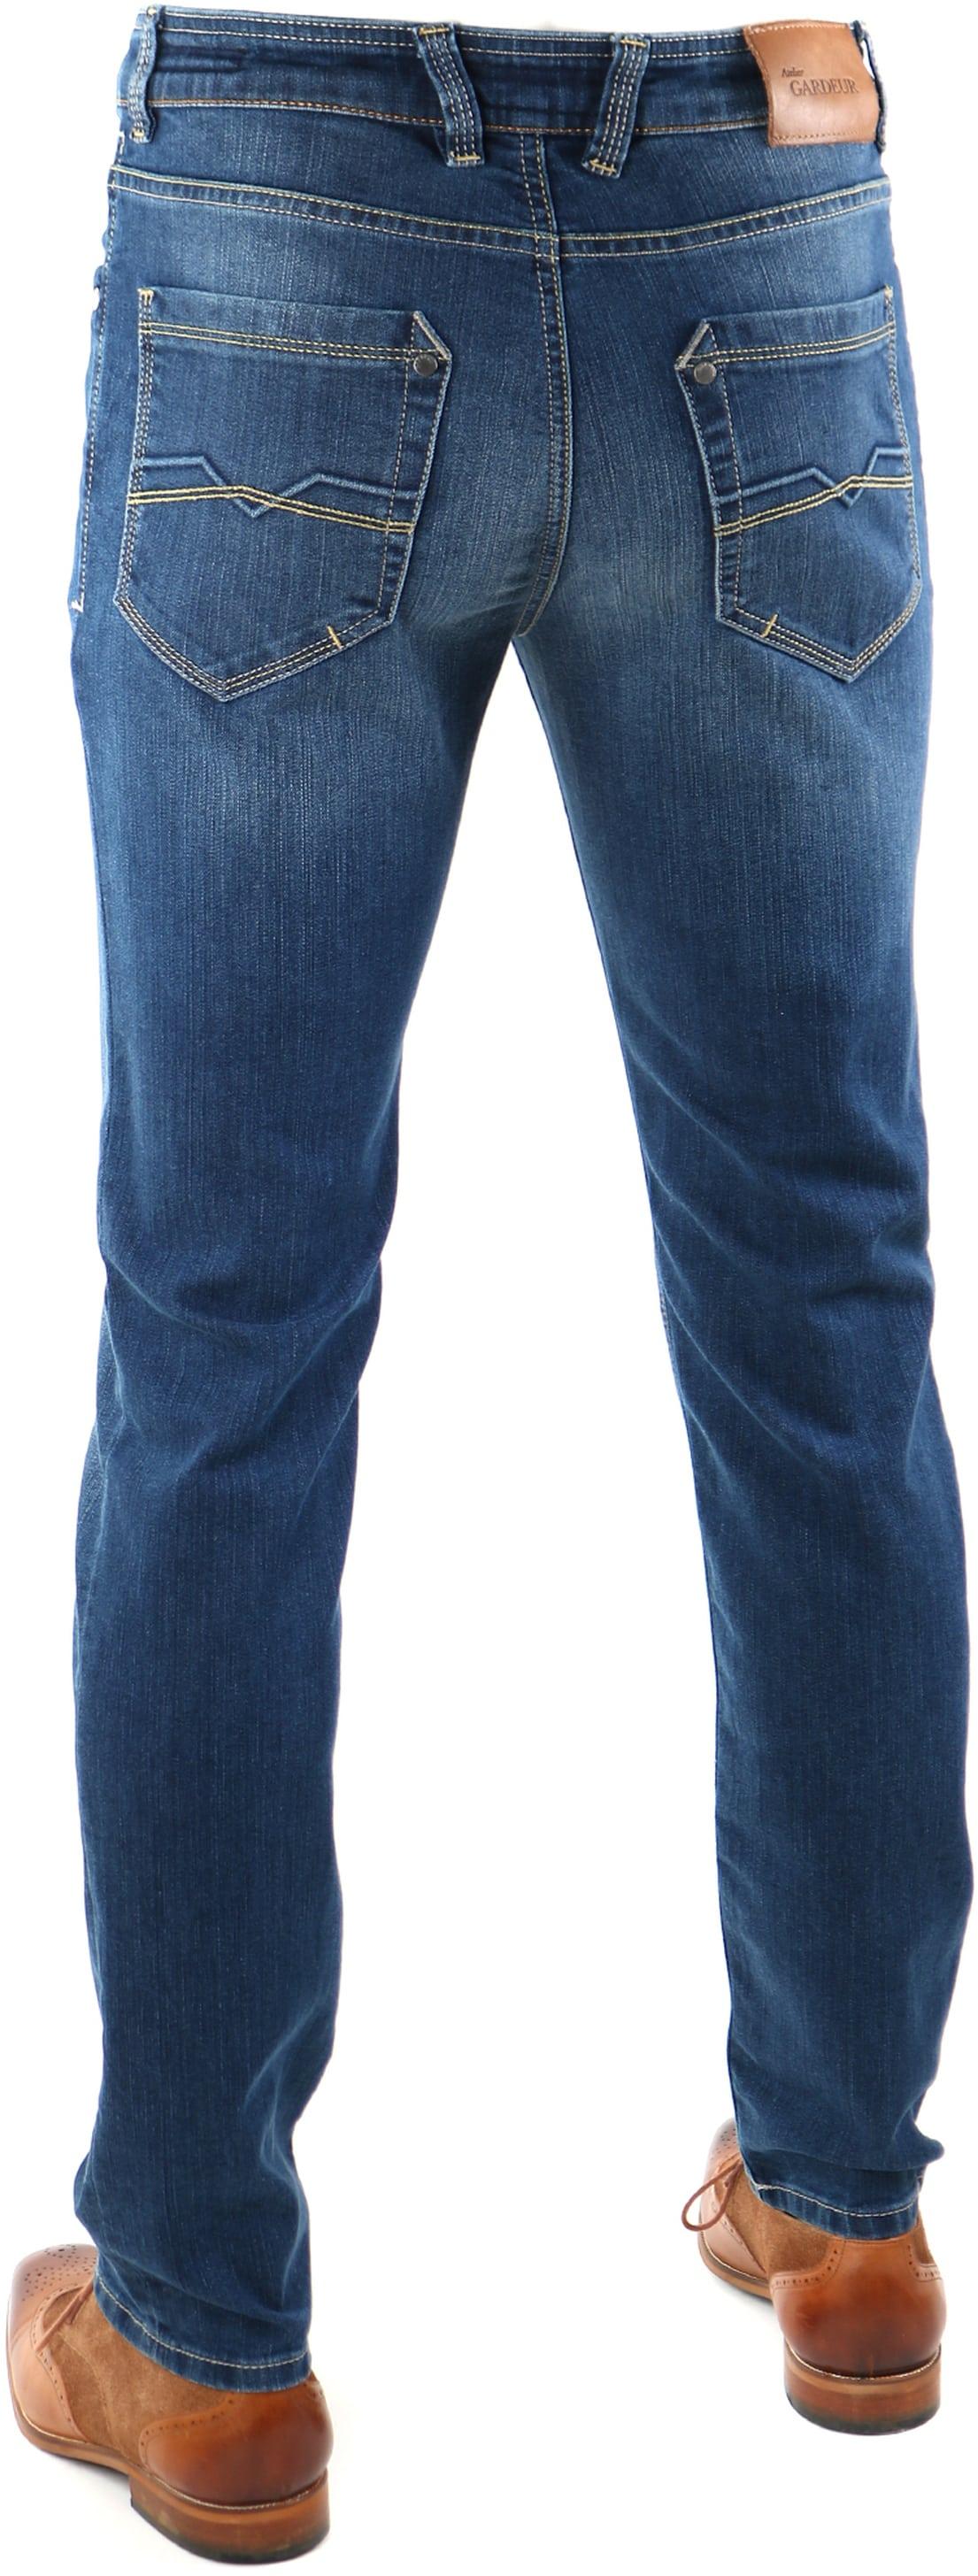 Gardeur Batu Stretch Jeans Blue foto 3